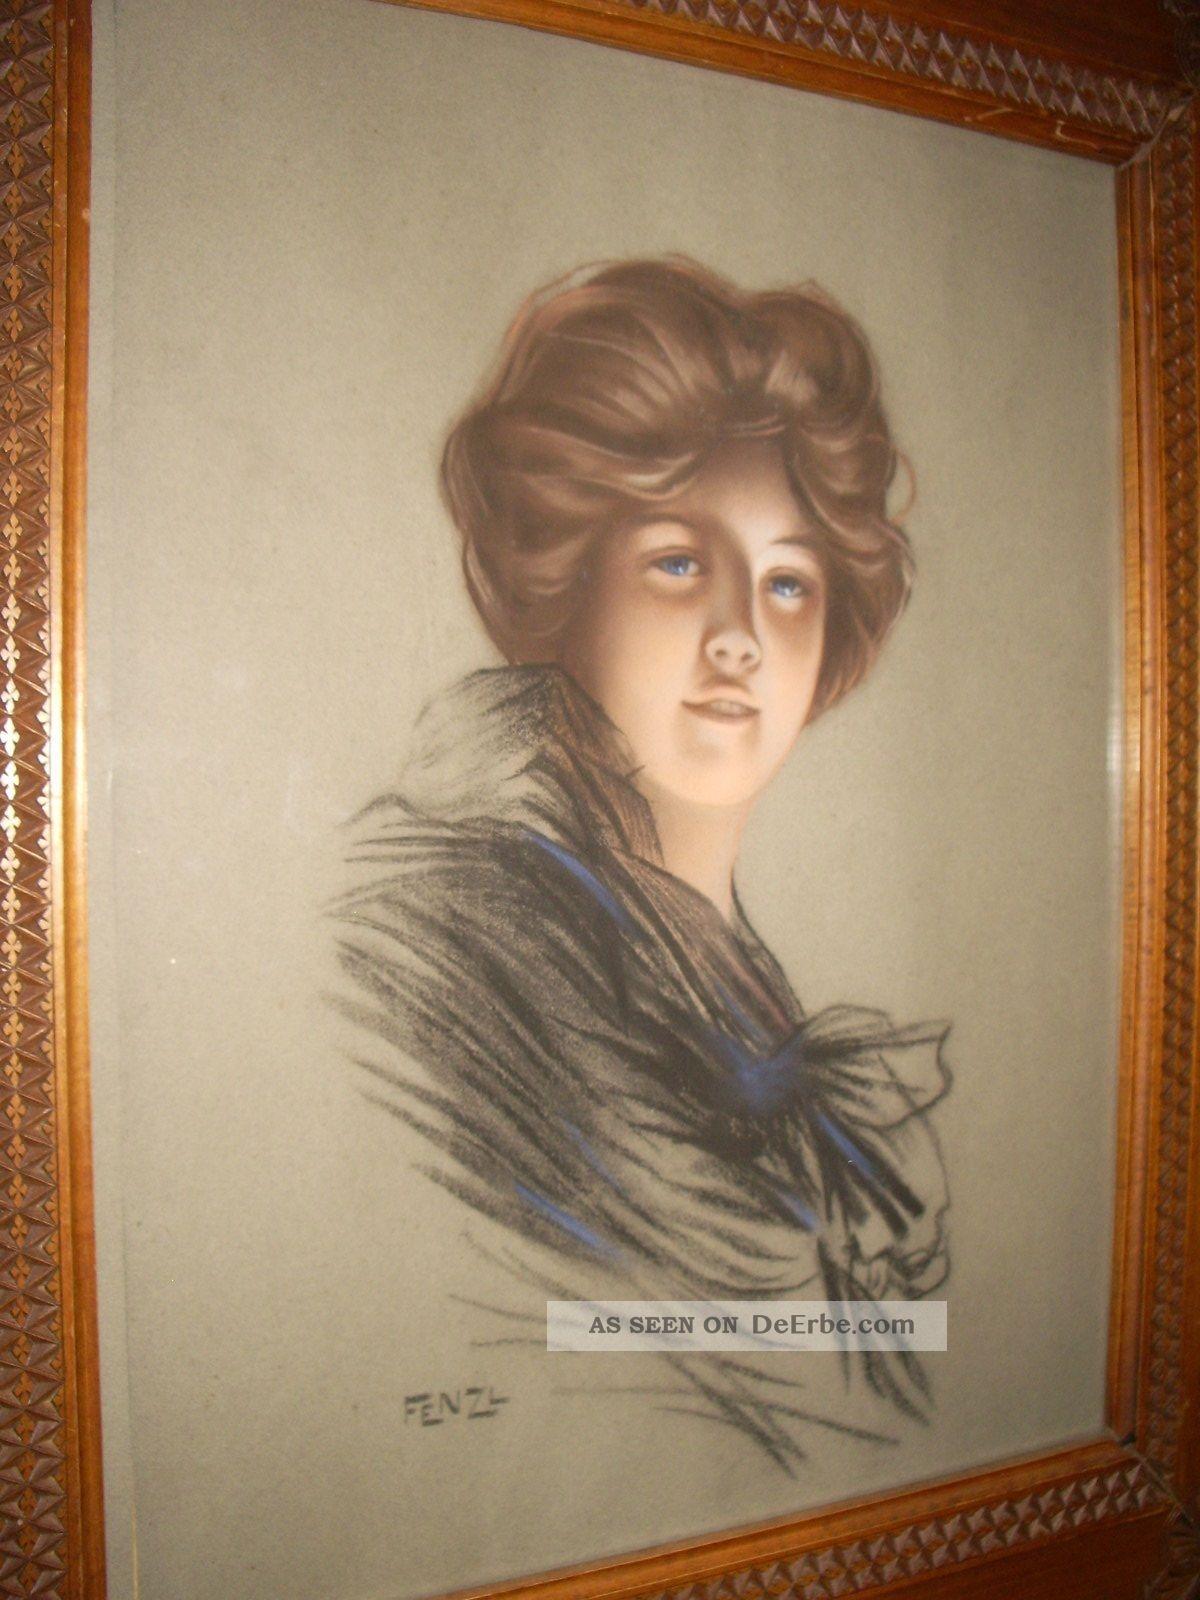 Sig;handgemaltes Bild Auf Papier 1880 - 1920 Mit Handgeschnitzten Rahmen 1890-1919, Jugendstil Bild